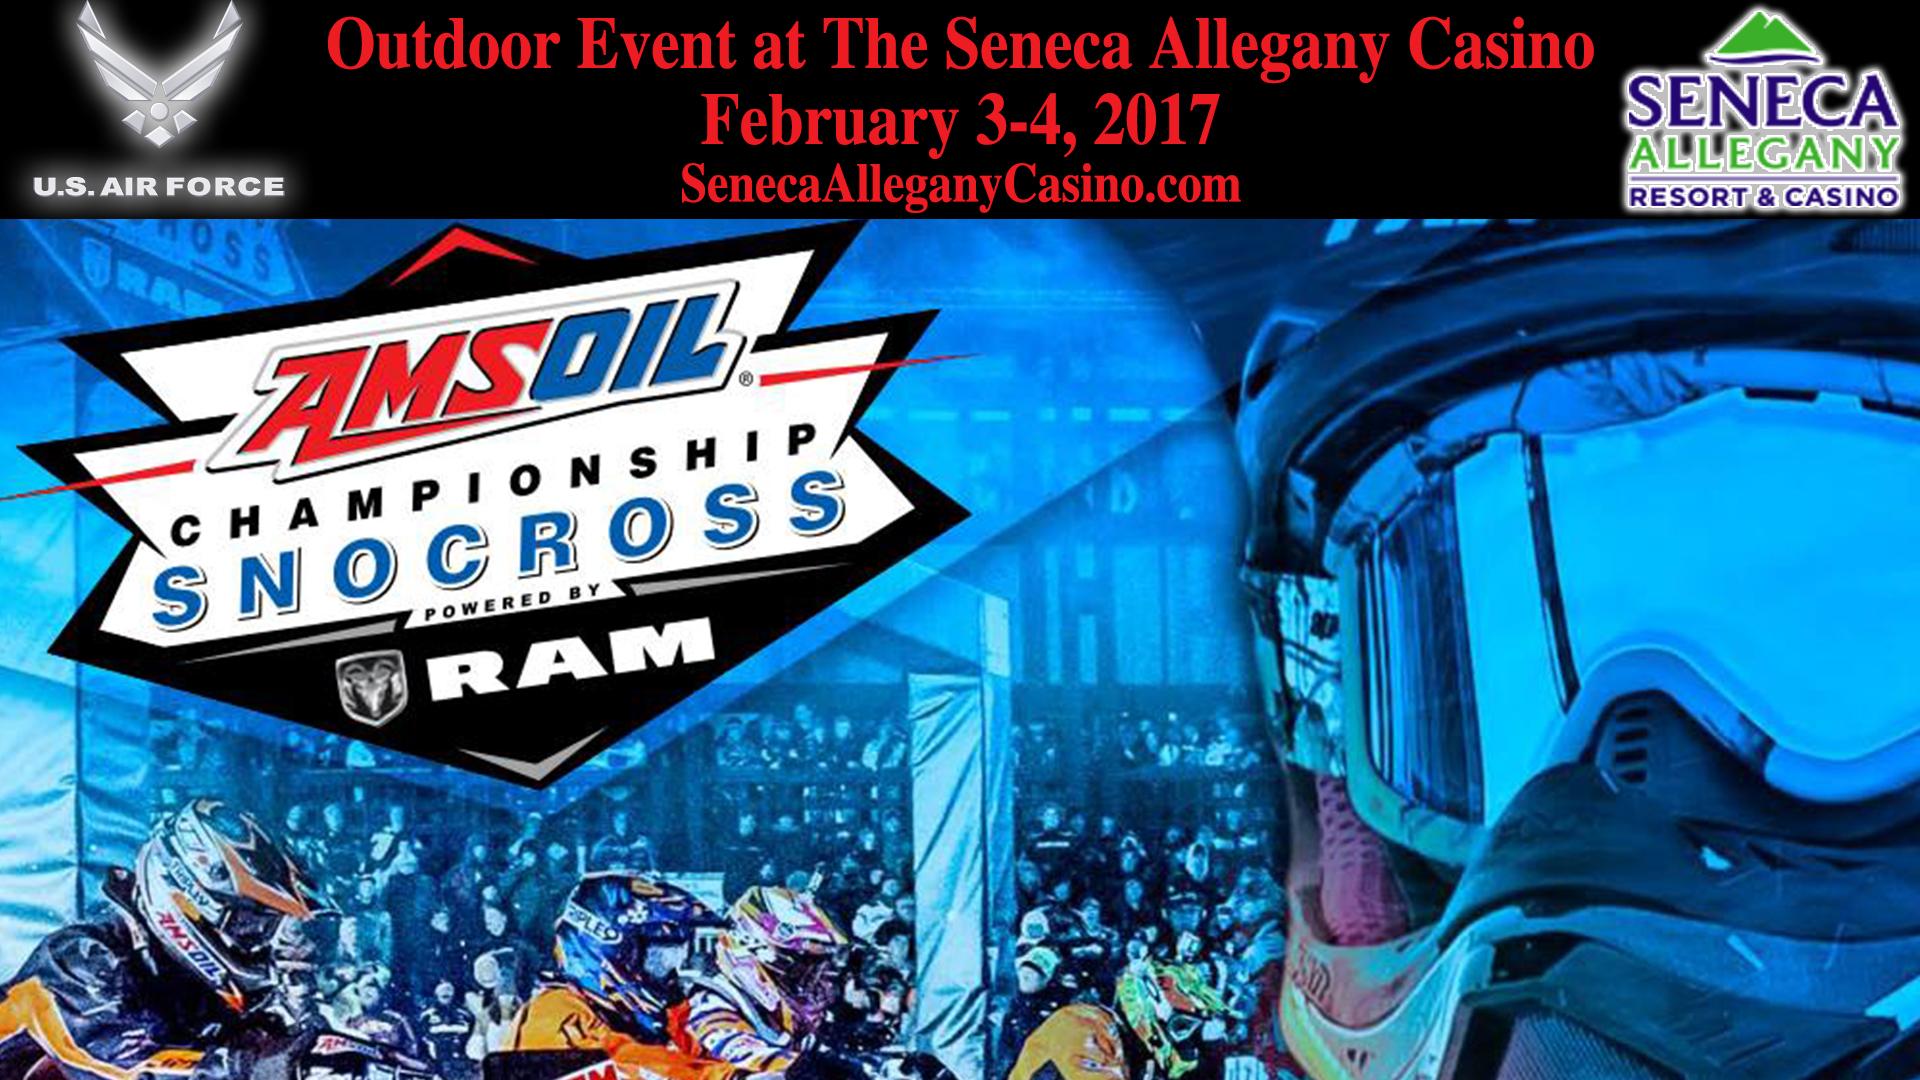 Snocross Championship at Seneca Allegany Casino